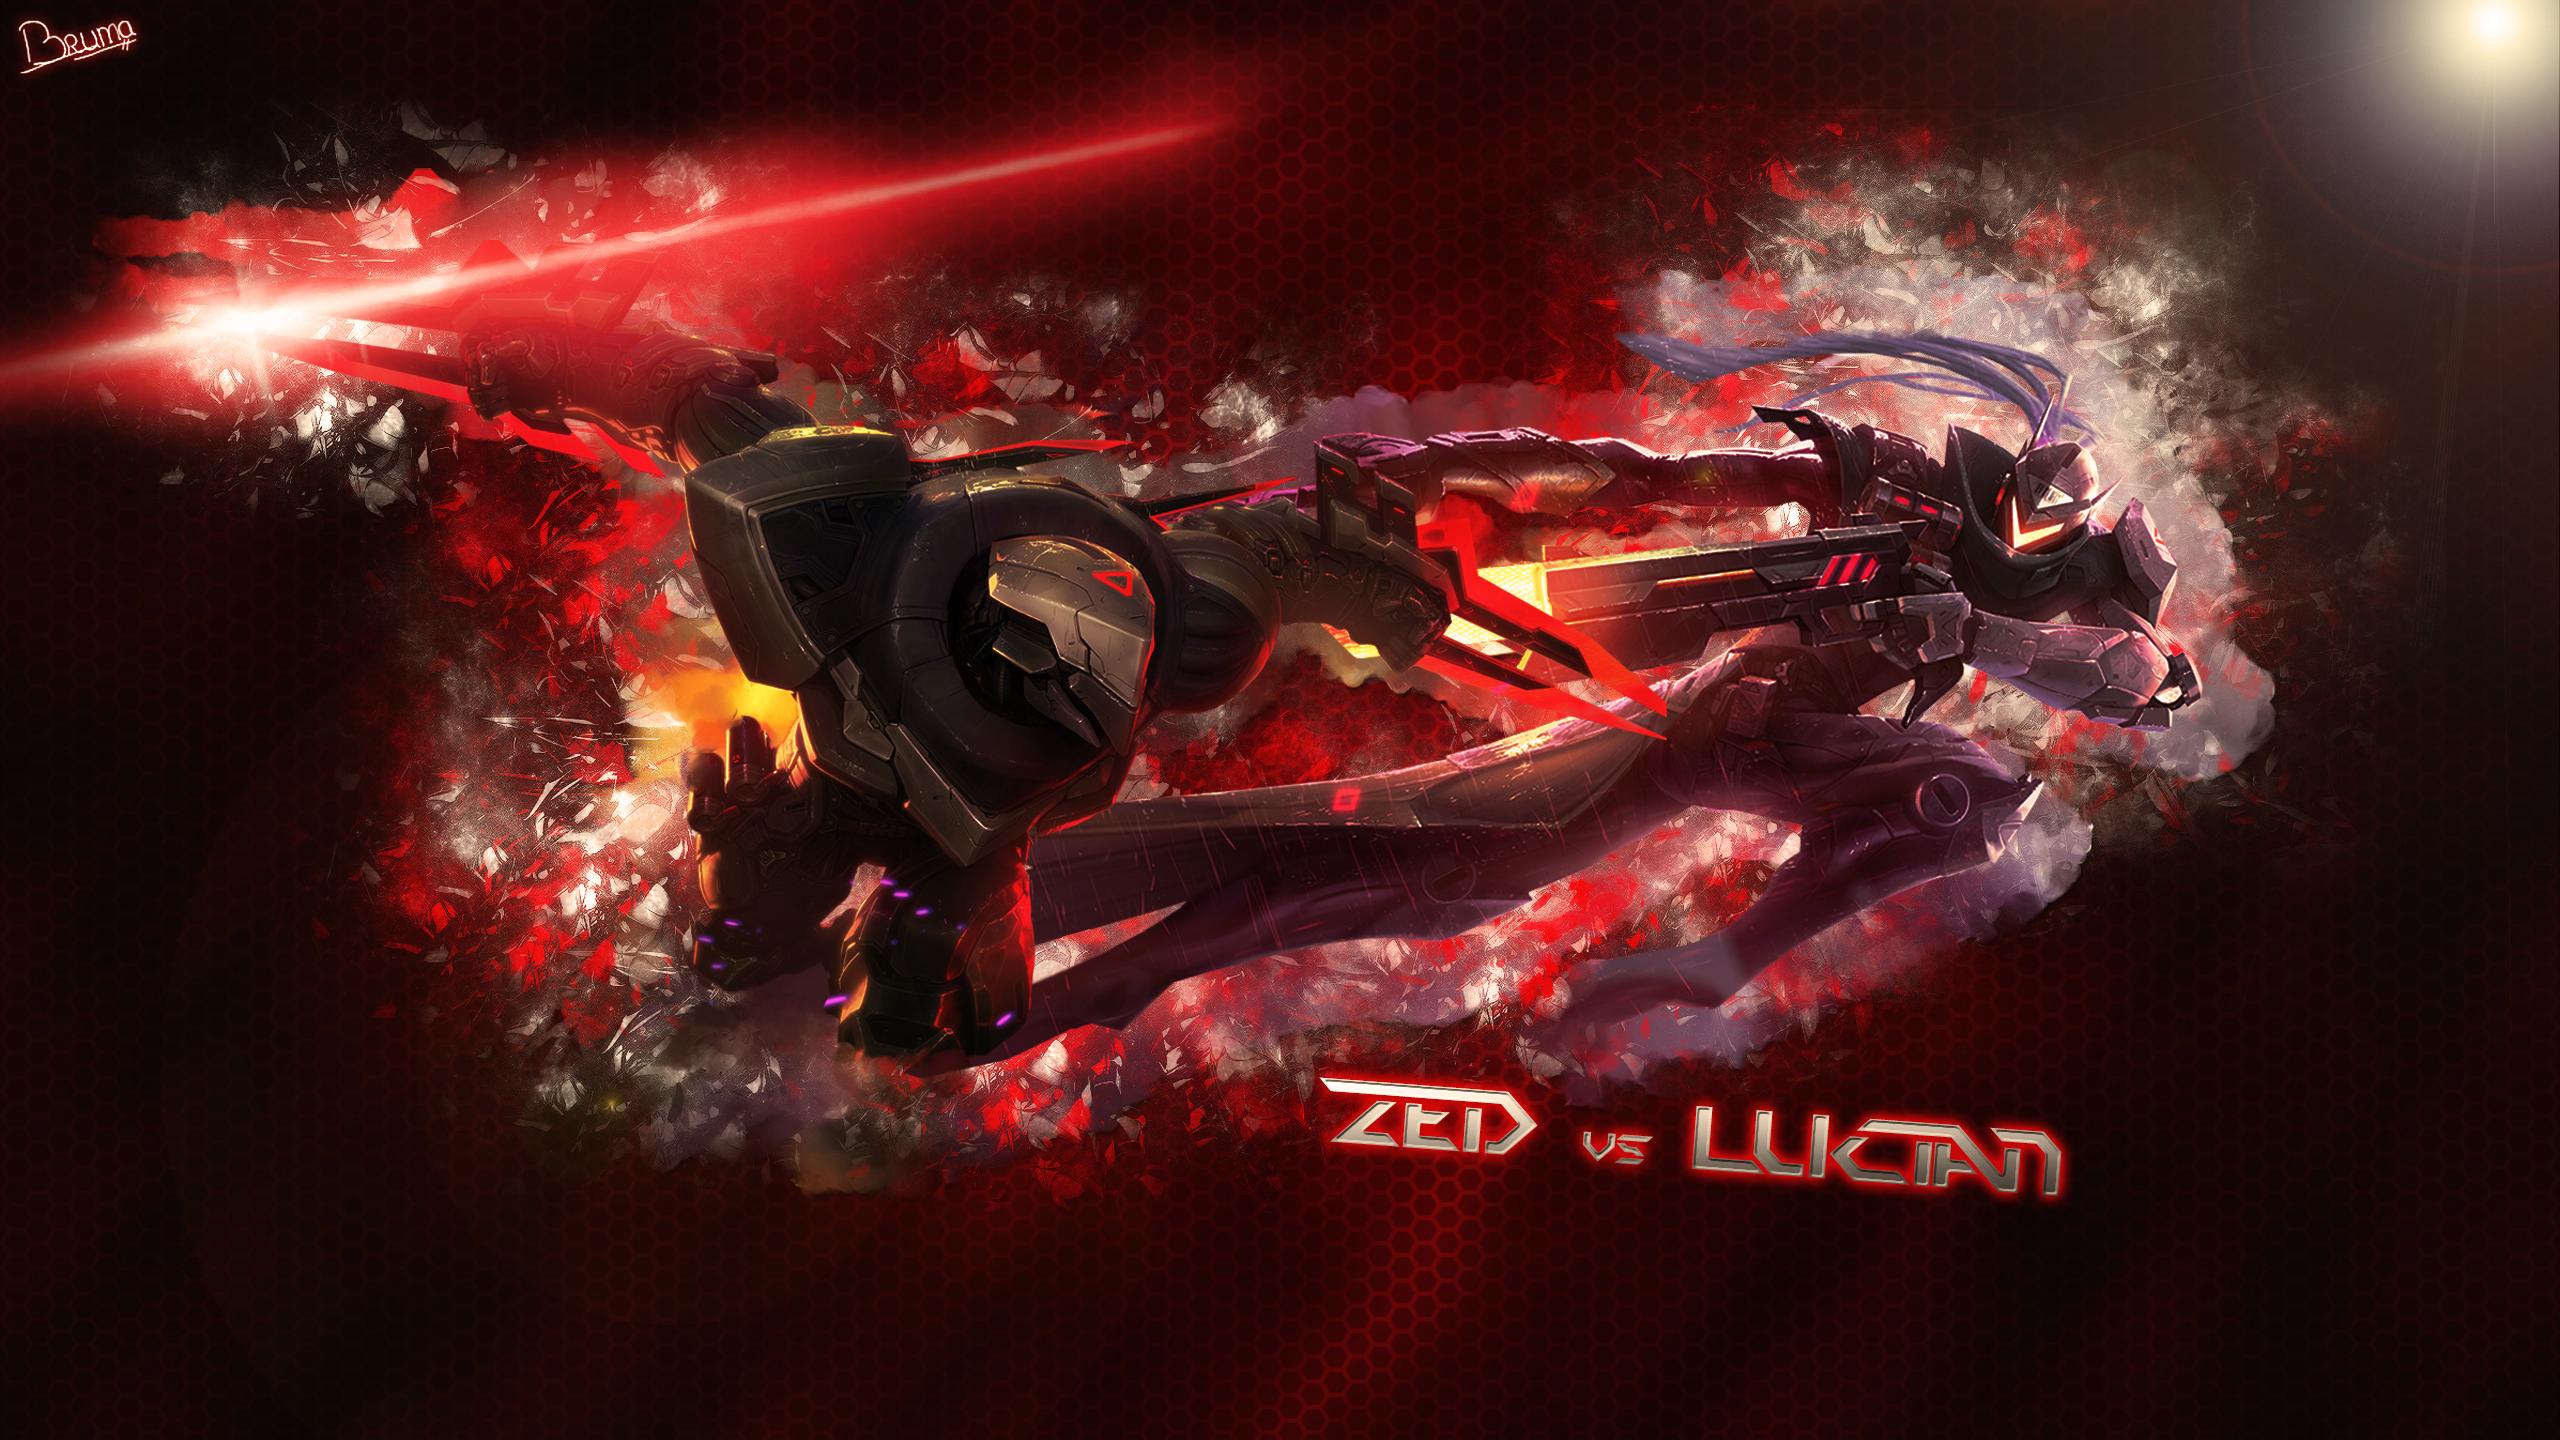 Lucian Vs Zed By Brumskyy